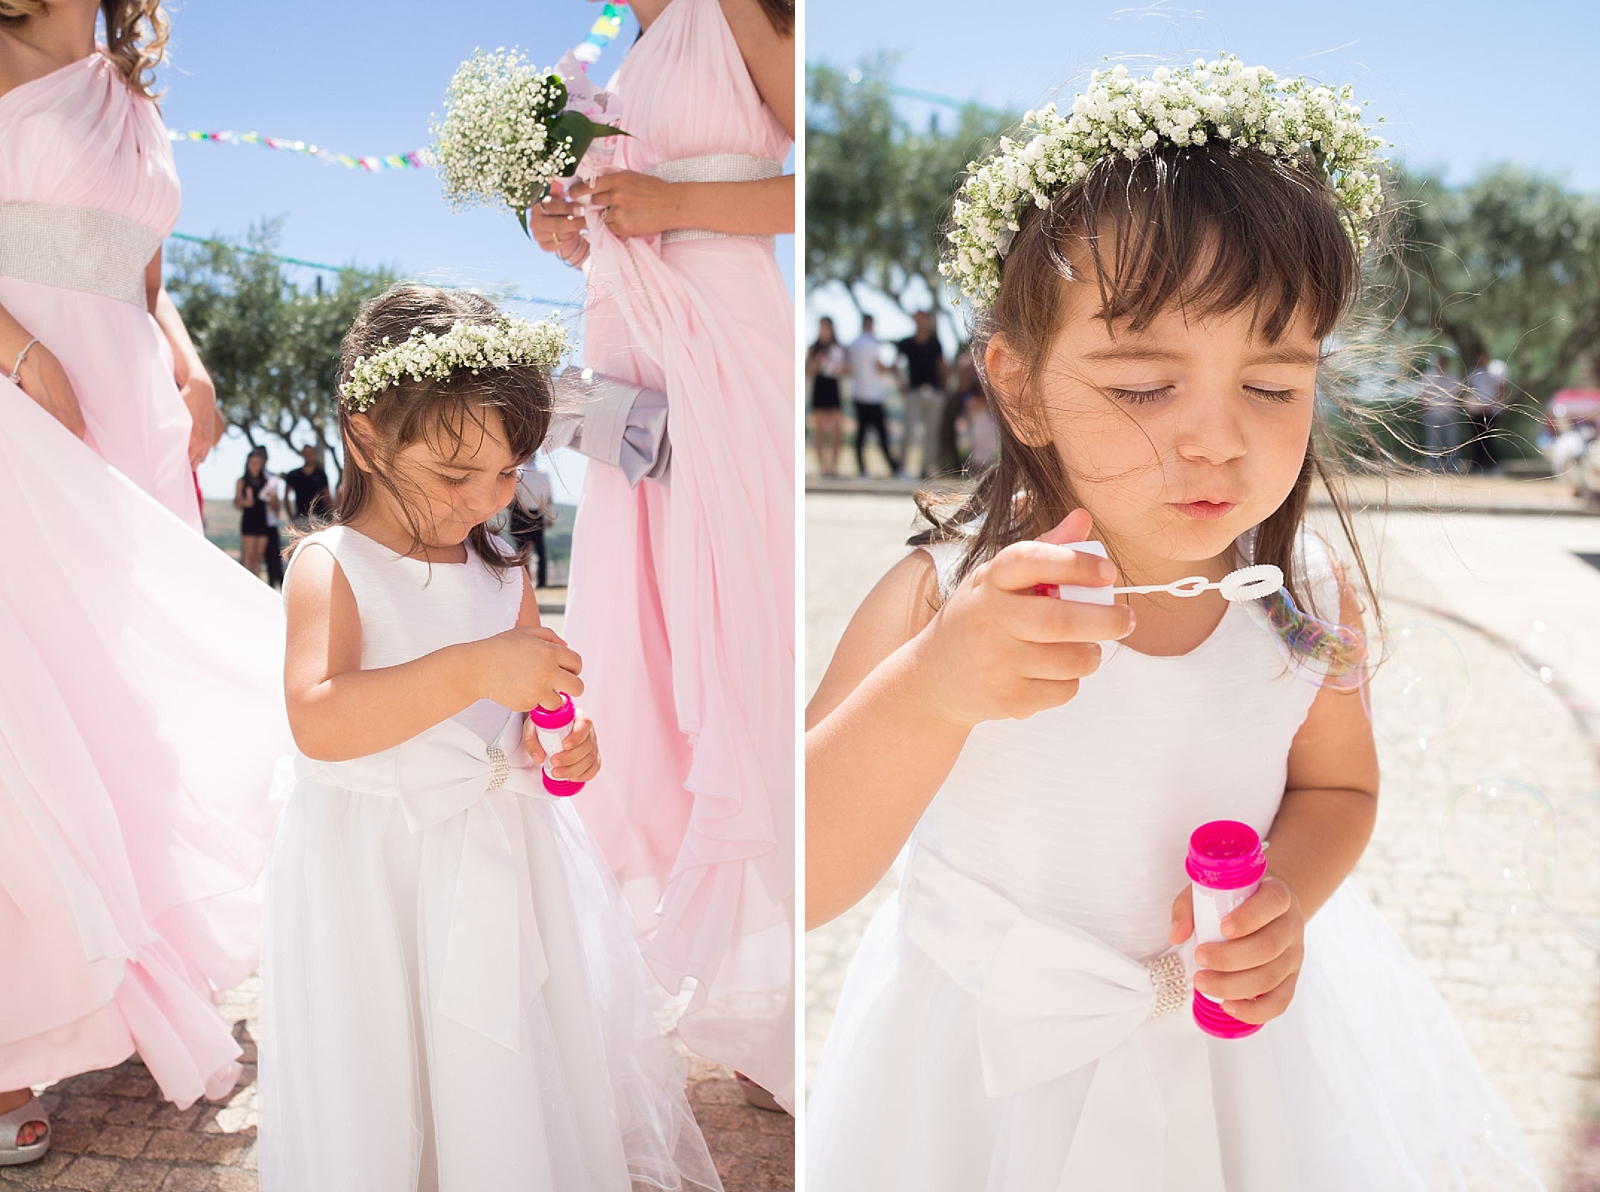 Portrait d'un enfant qui fait des bulles de savon entouré de demoiselles d'honneur